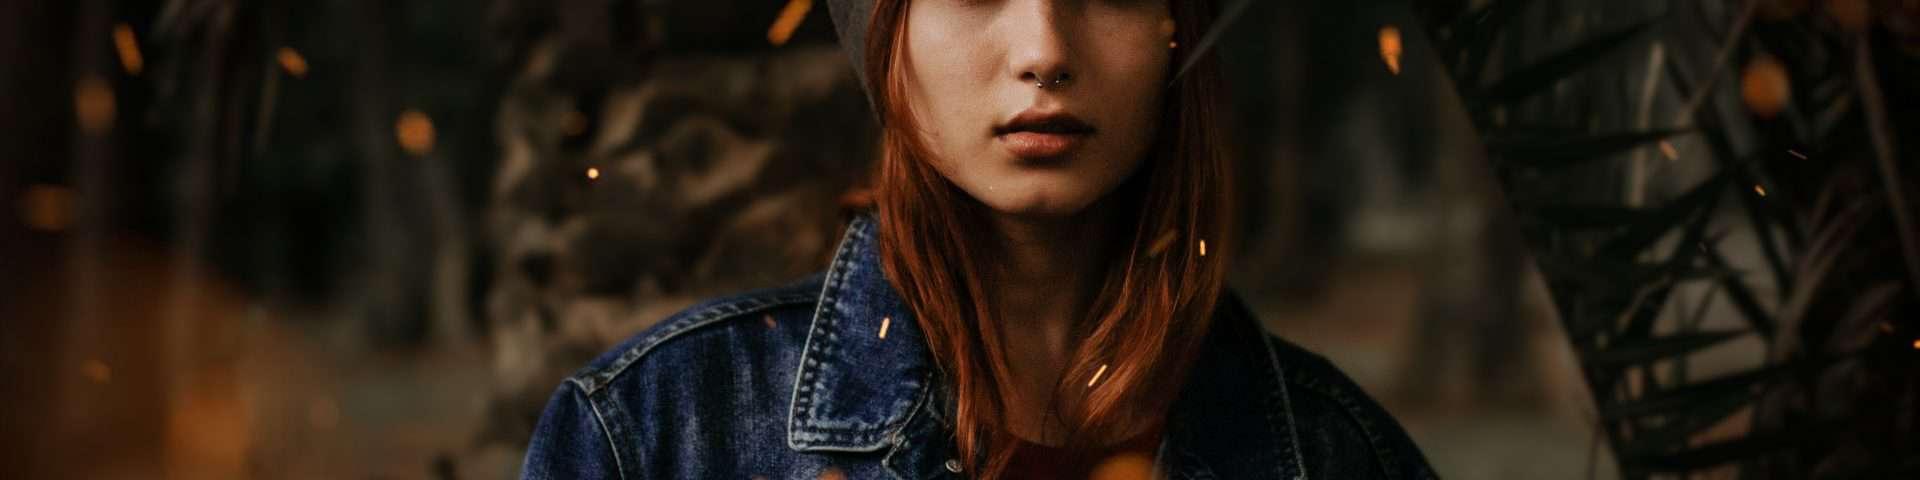 14 Dinge, die du dir selbst vergeben solltest